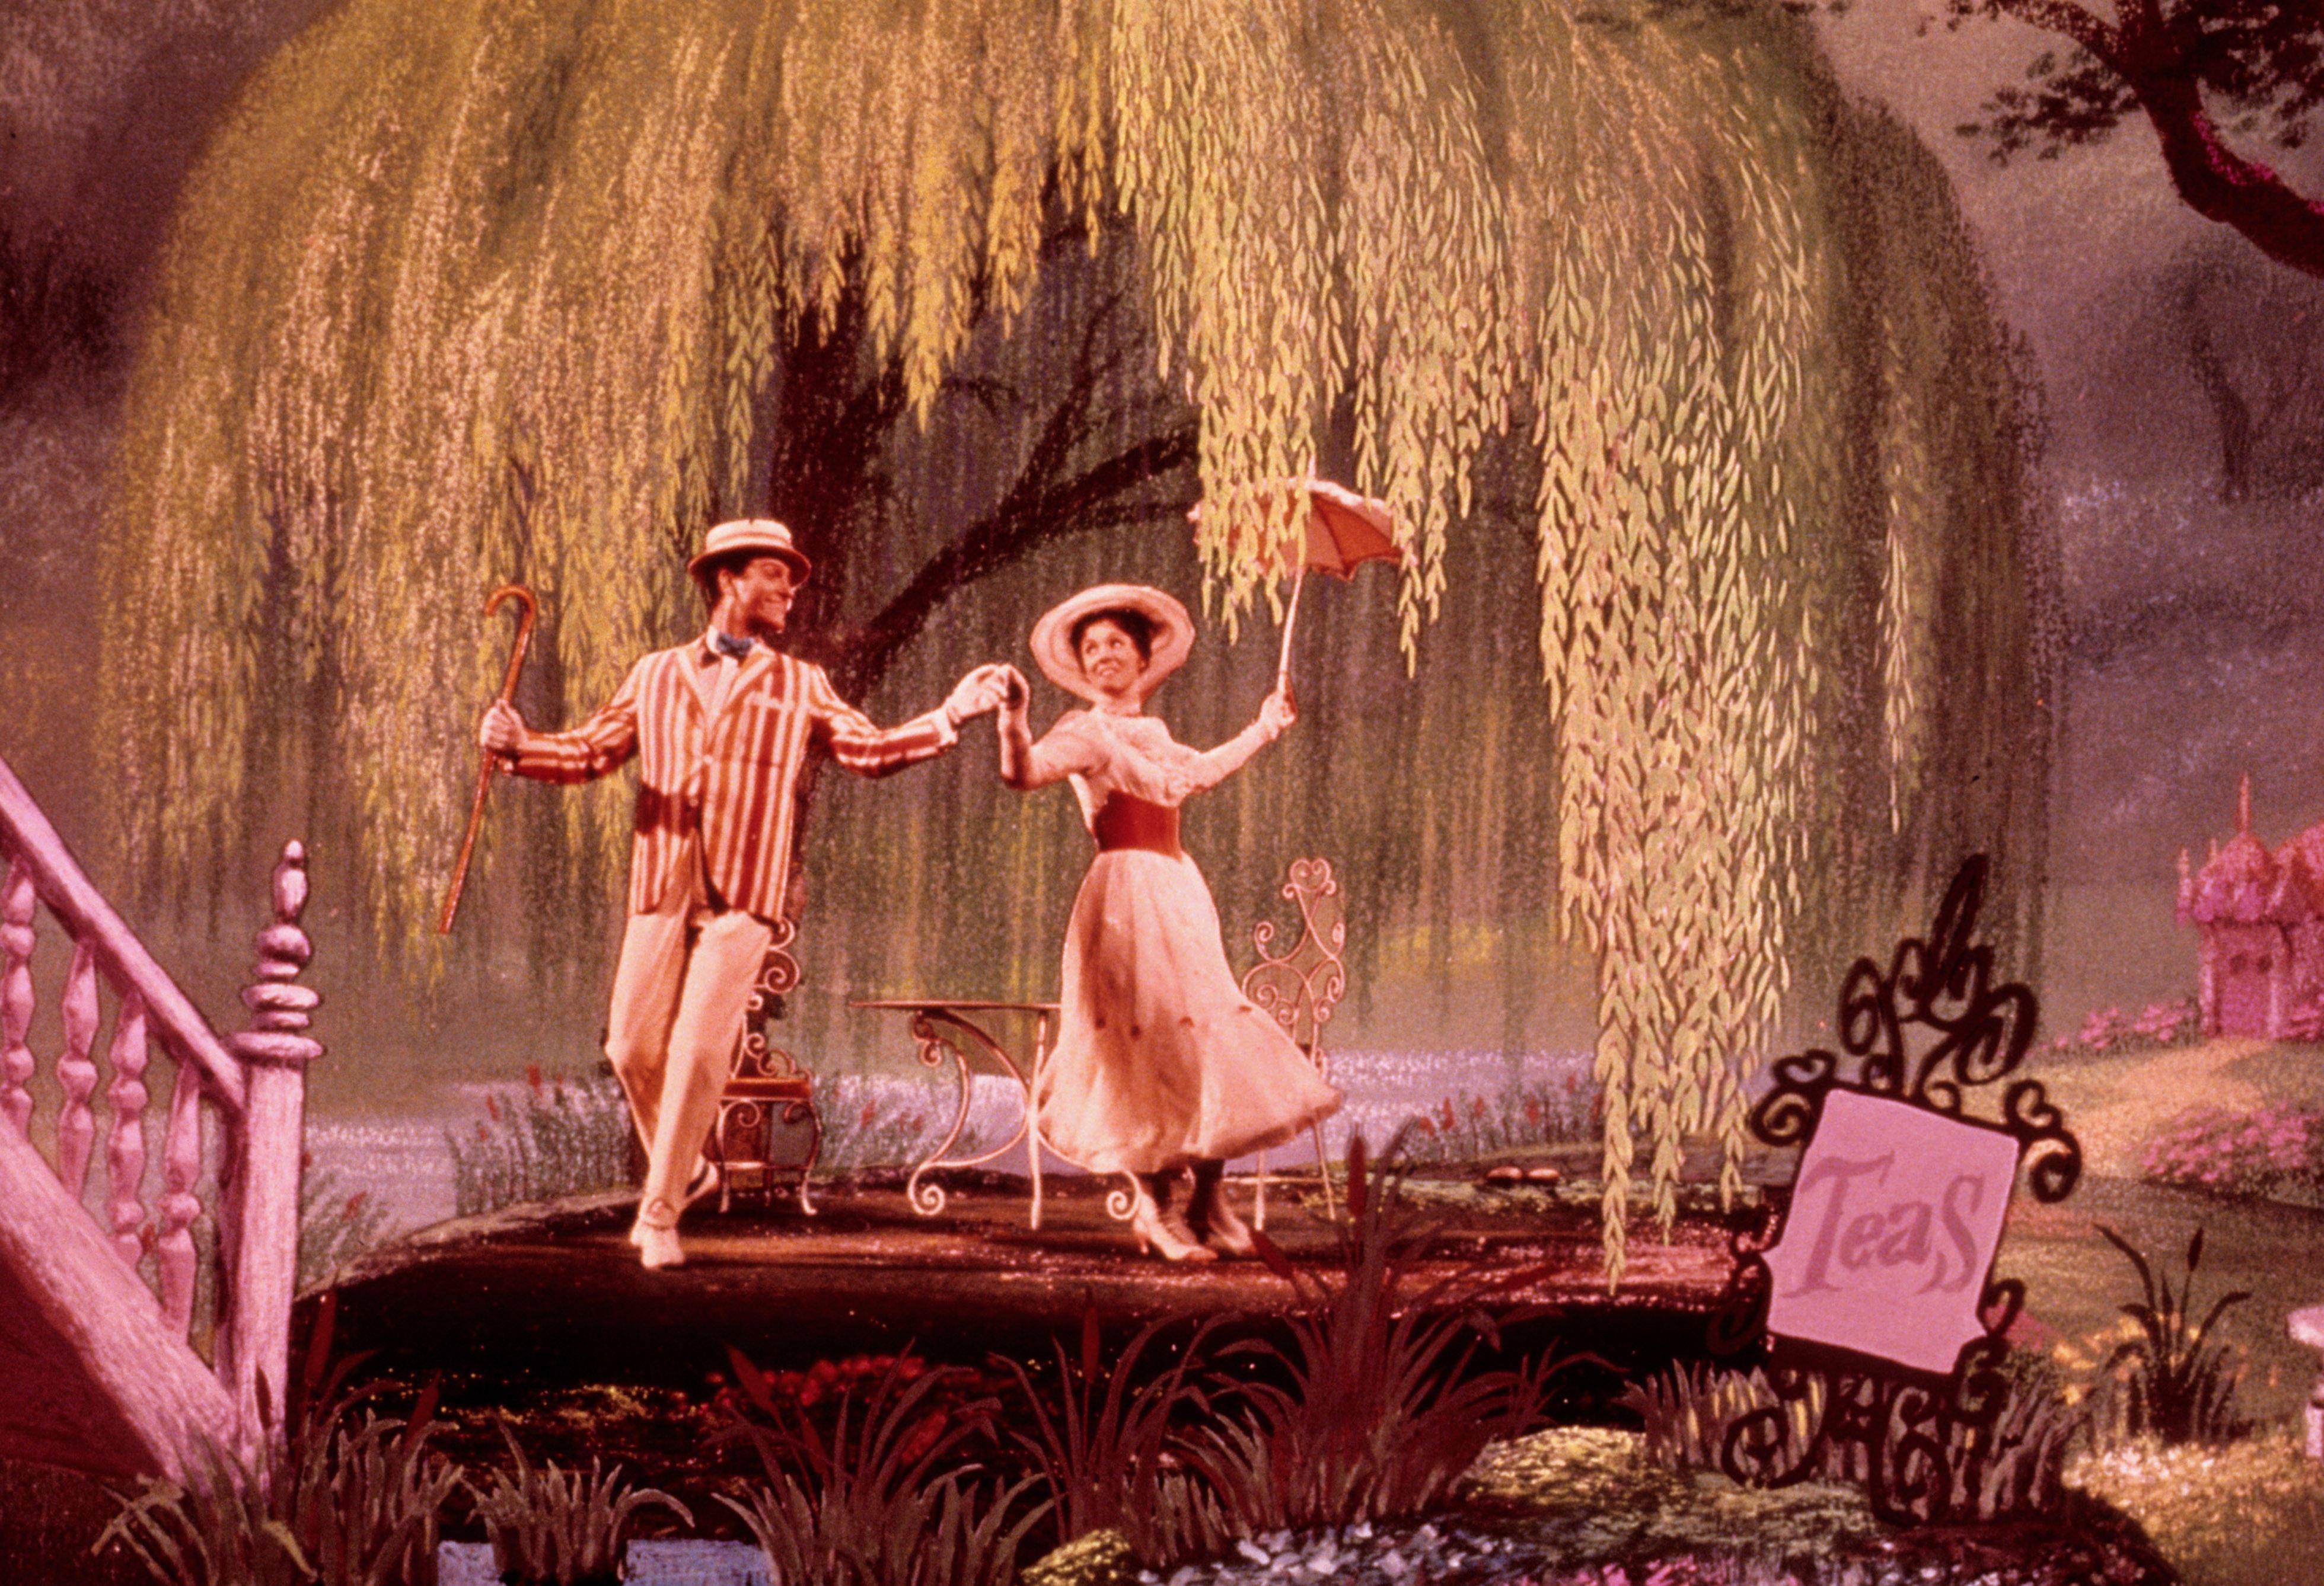 Julie Andrews, una leggenda vivente tra musical e cinema